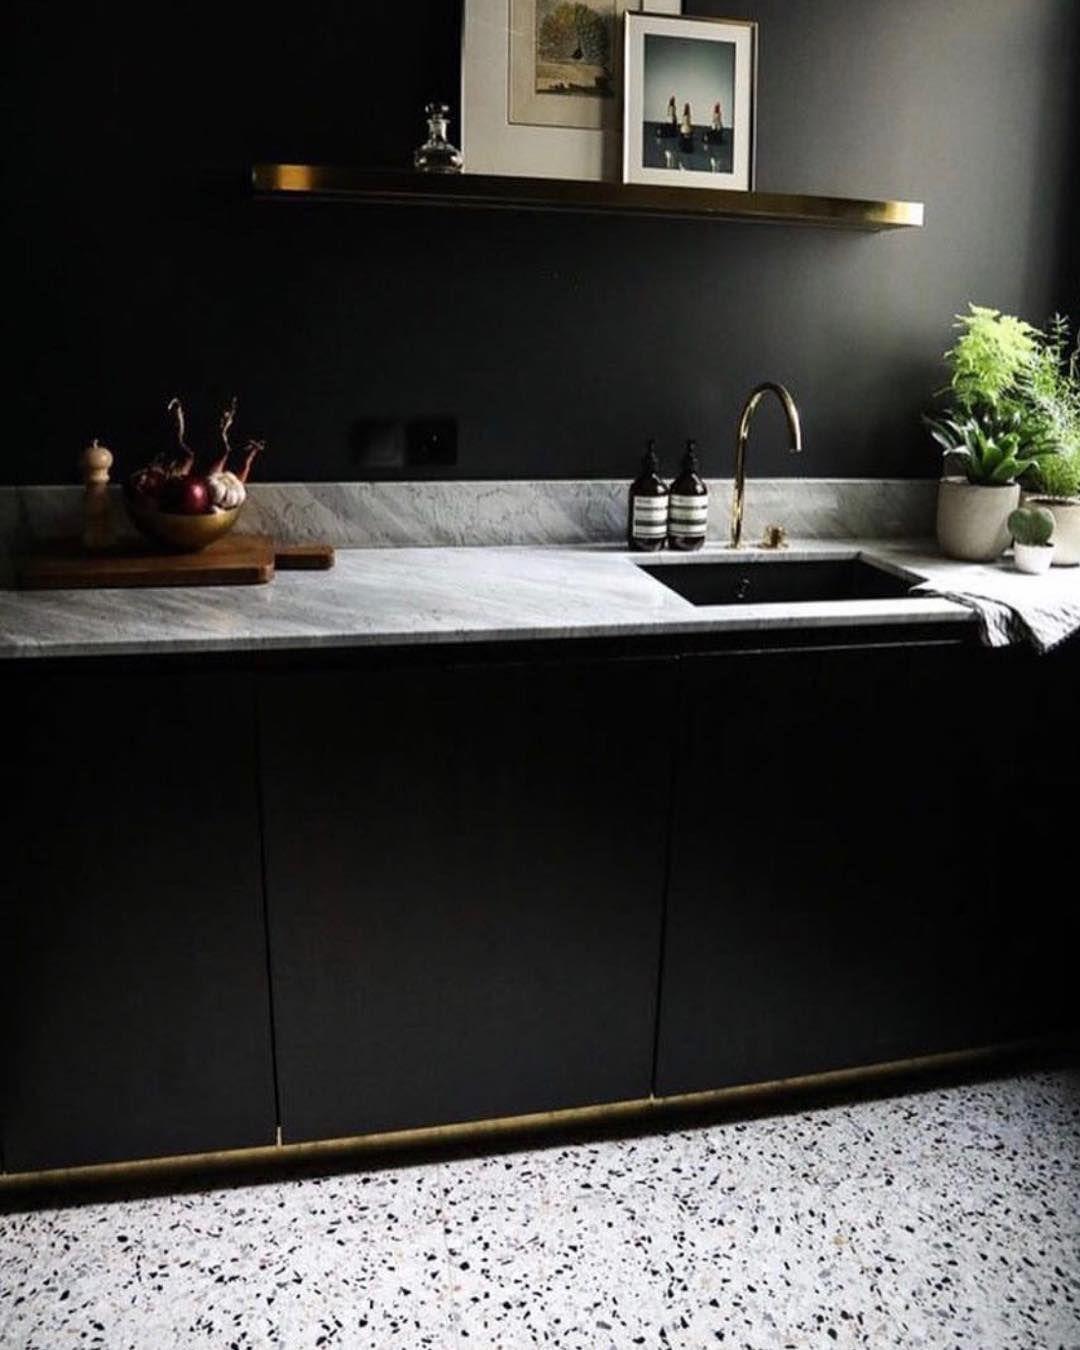 Zwarte Scandinavische Keuken Inspiratie Met Terrazzo Vloer Heel Mooie Combi Hier Te Zien Met Marmer Blad Keuken Inspiratie Scandinavische Keuken Keuken Idee